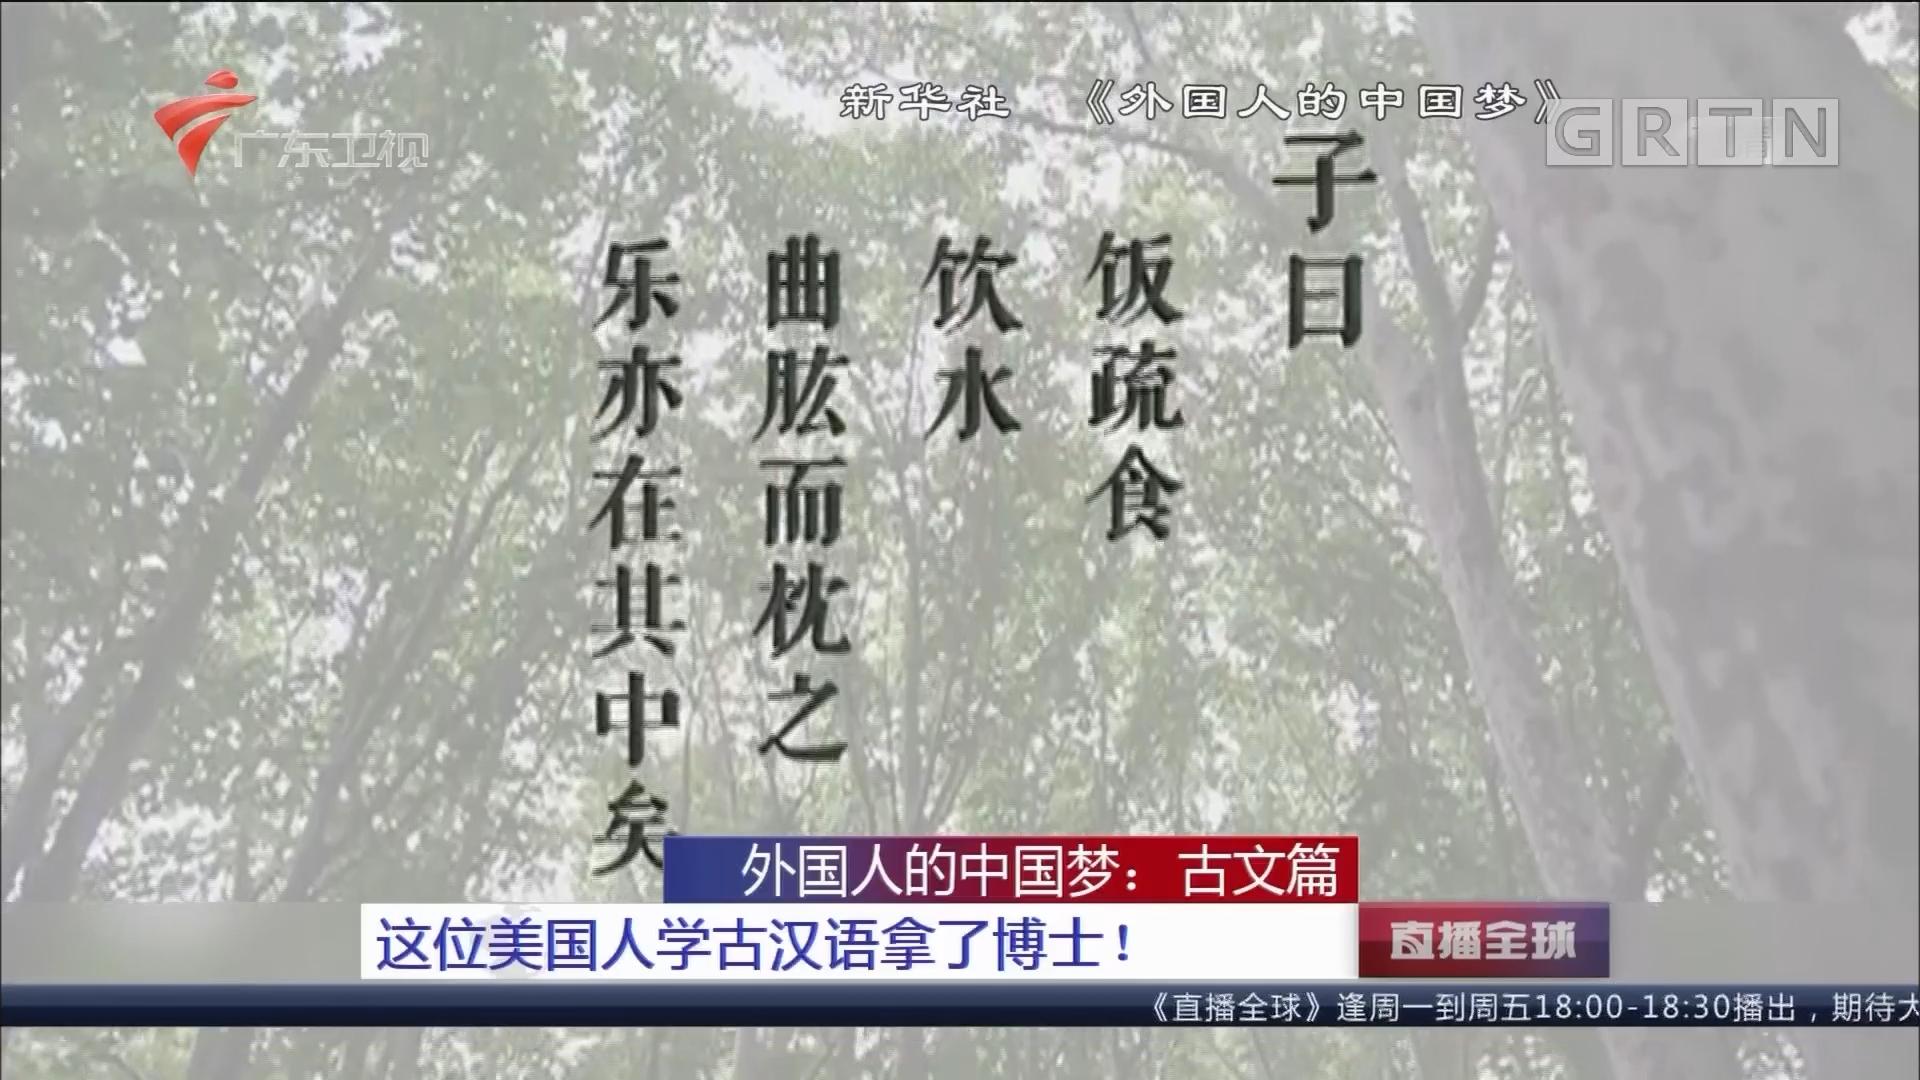 外国人的中国梦:古文篇 这位美国人学古汉语拿了博士!